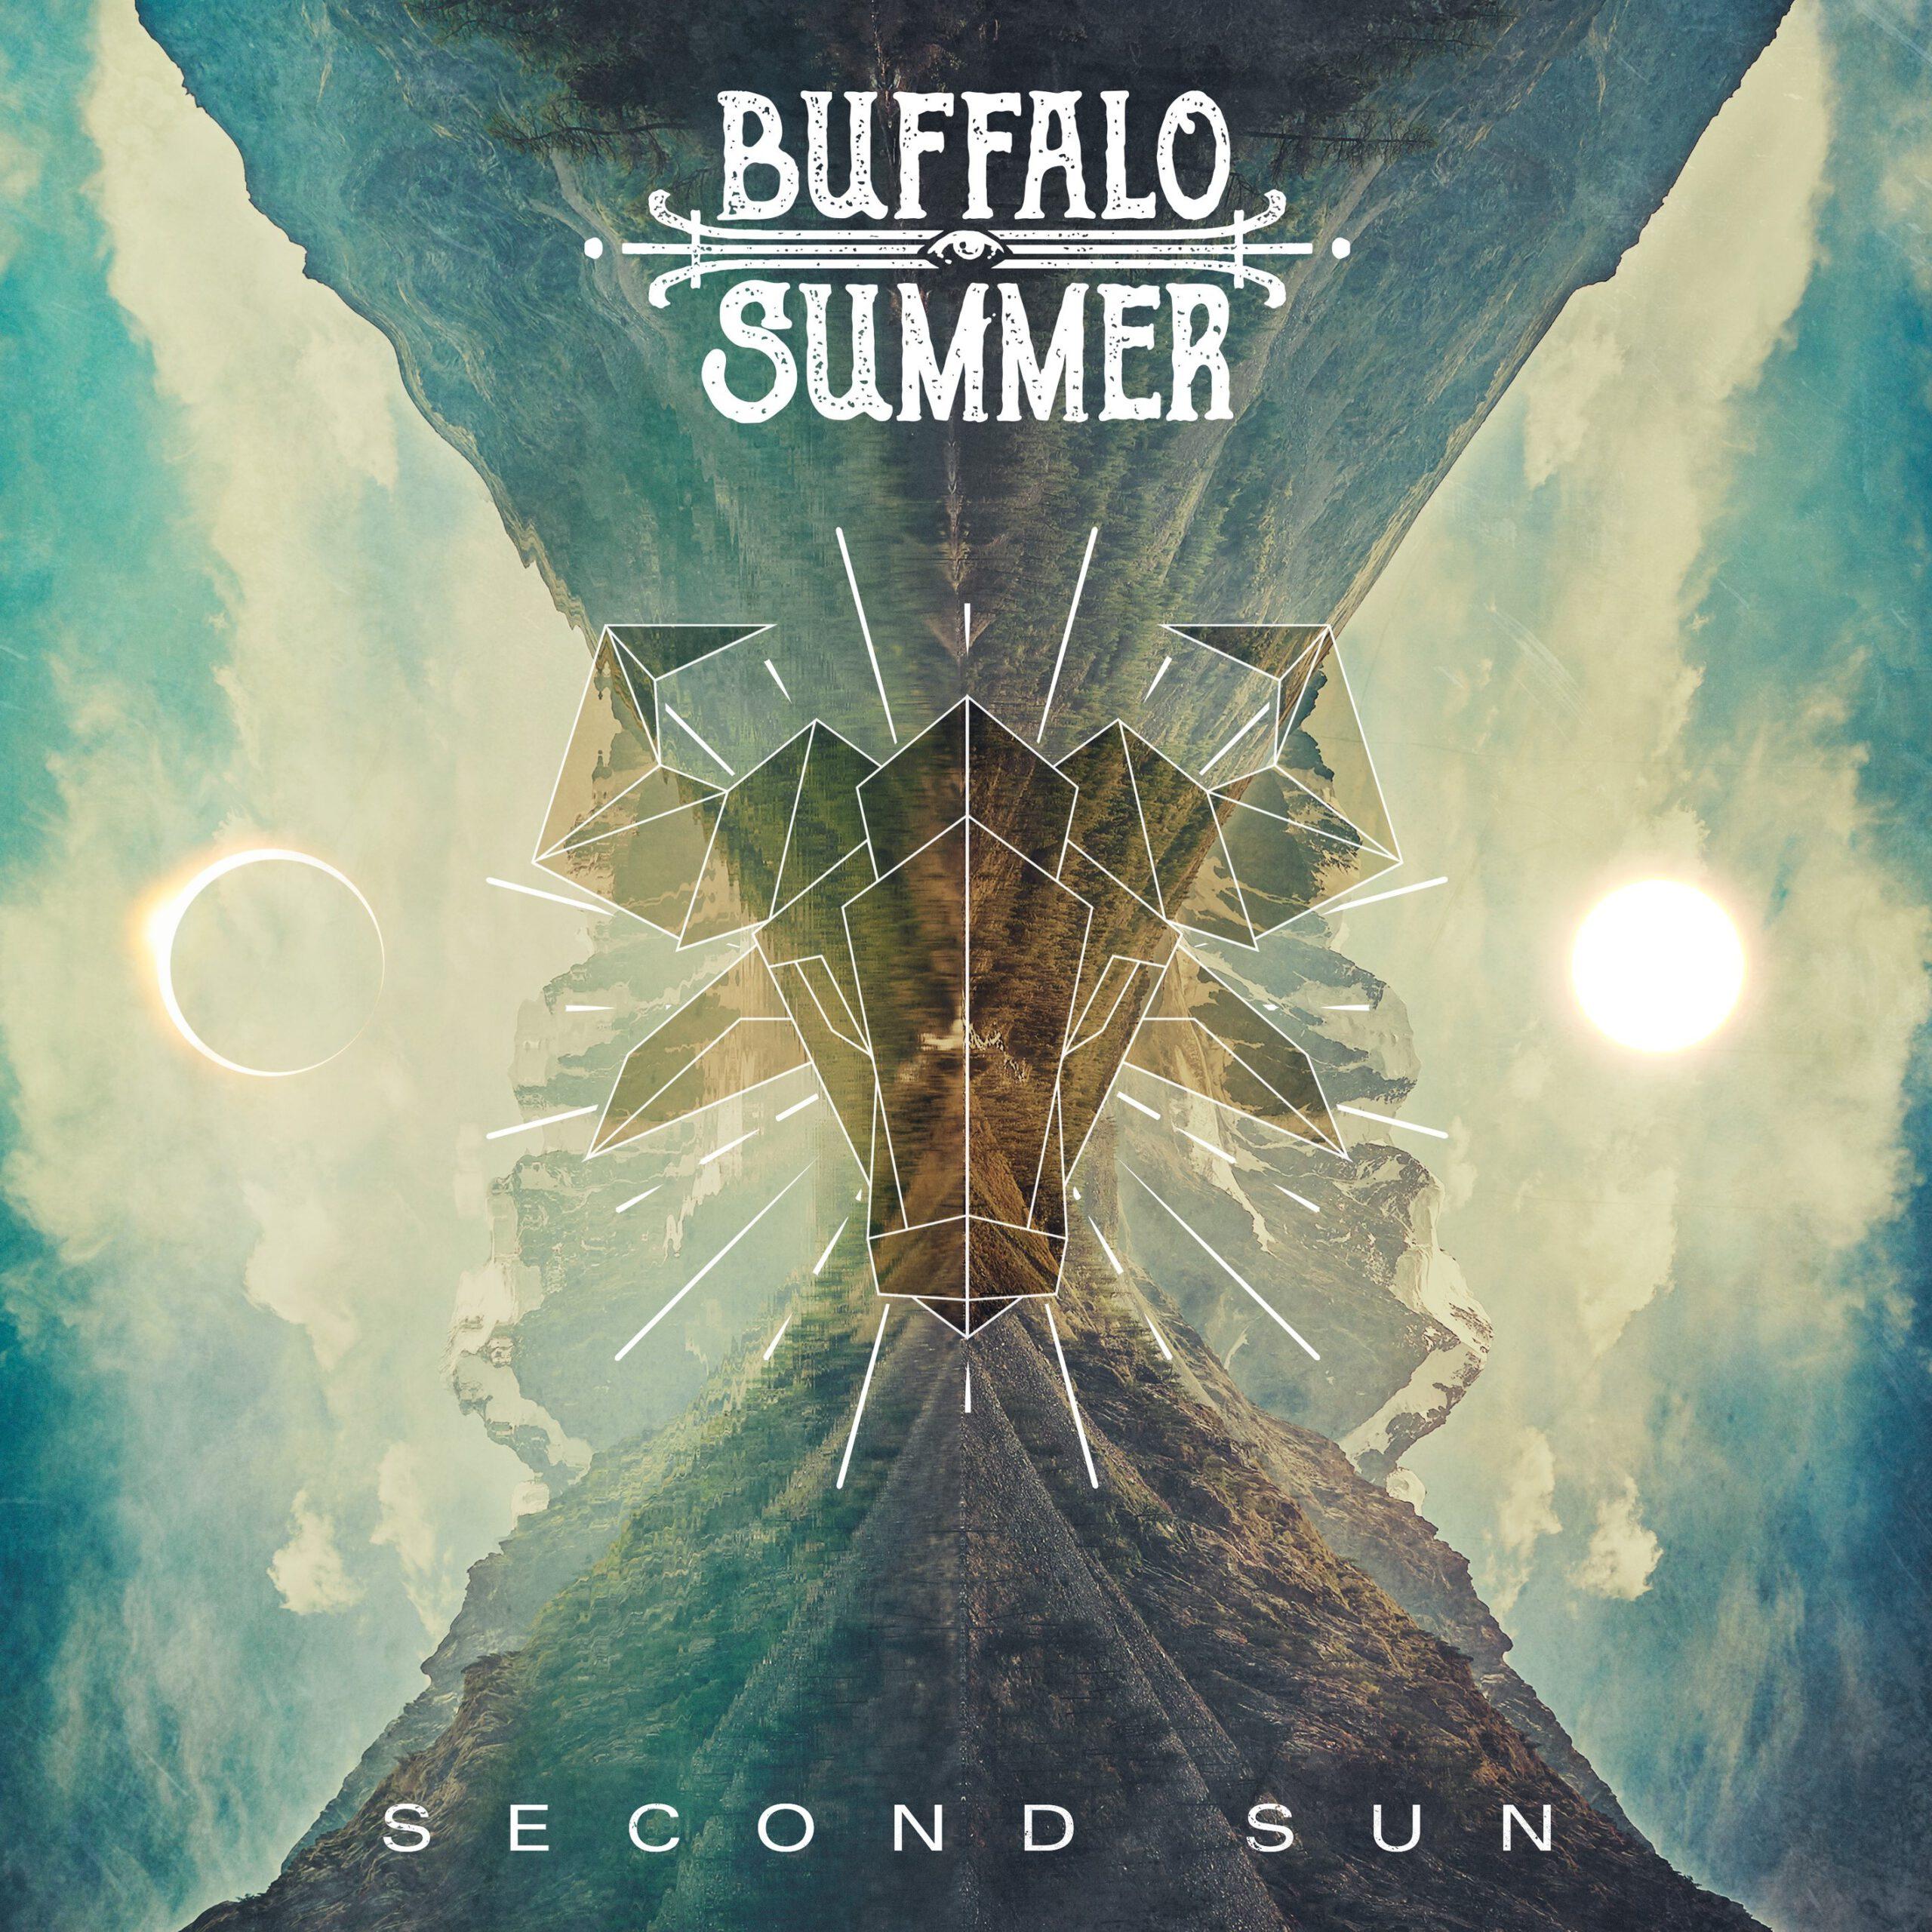 buffalo_summer_second_sun_cover